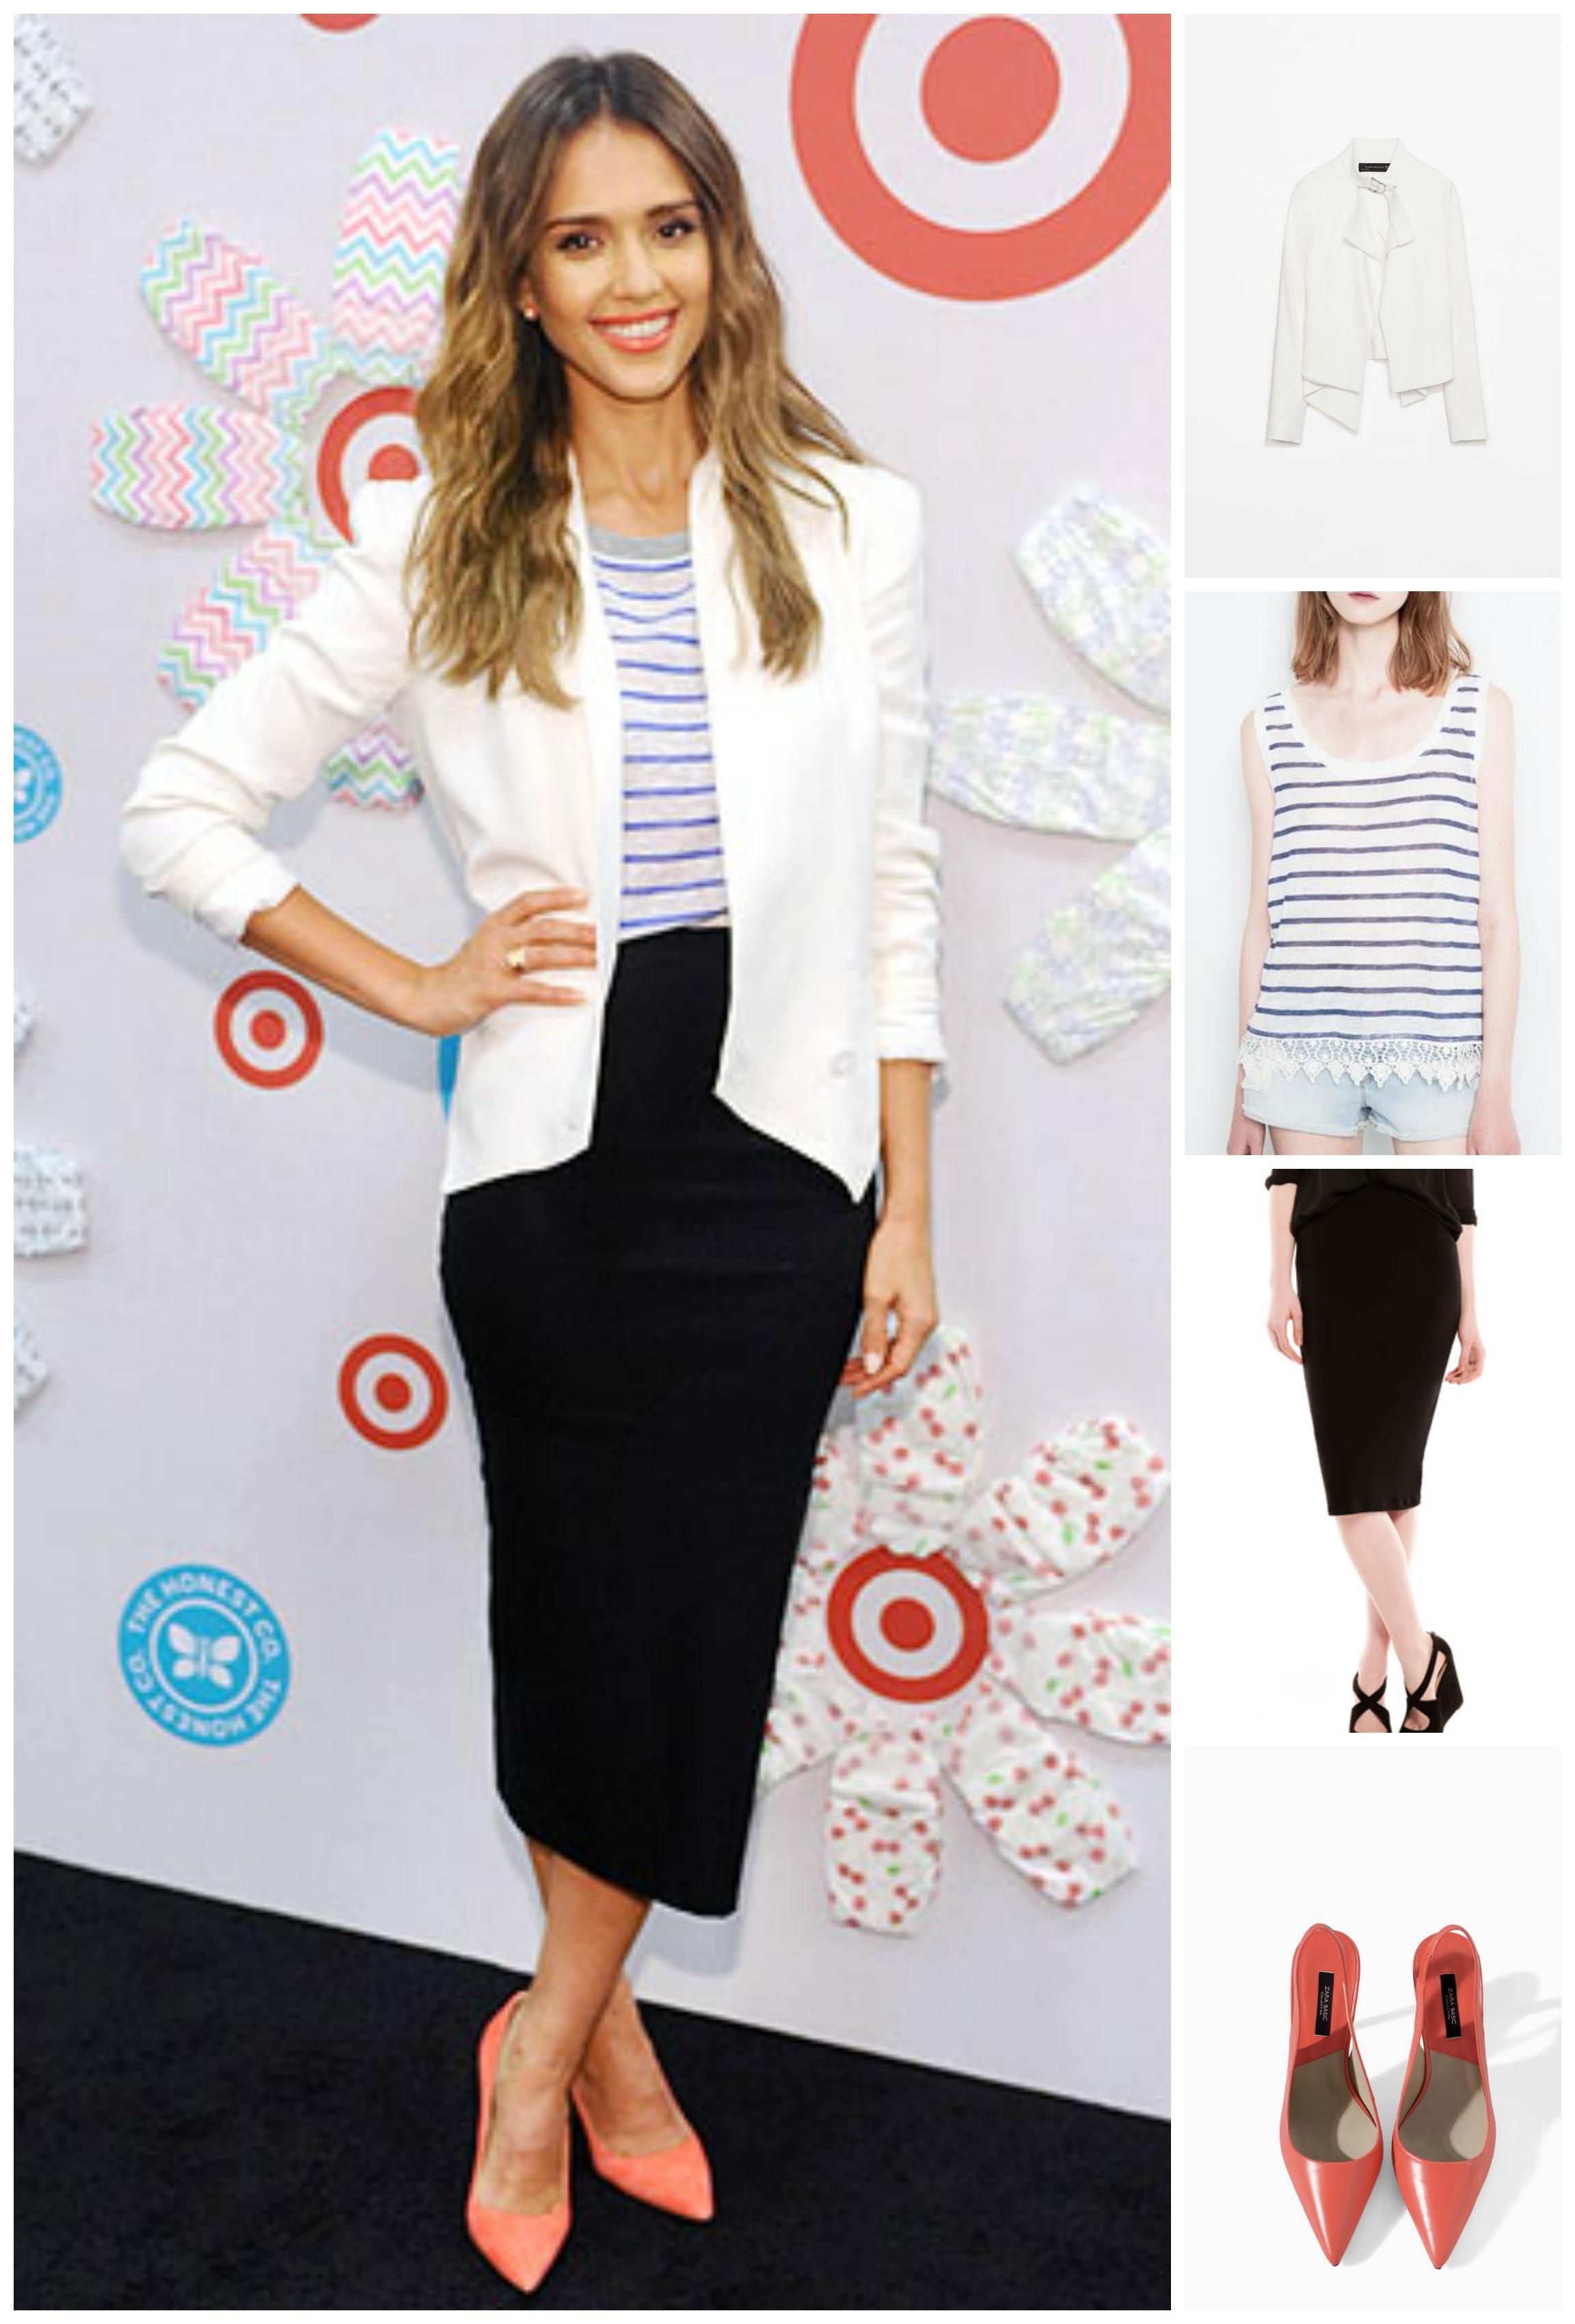 Блейзер от Zara (999 грн.), кофта от Pull&Bear (159 грн.), юбка от Bershka (139 грн.), туфли от Zara (399 грн.)